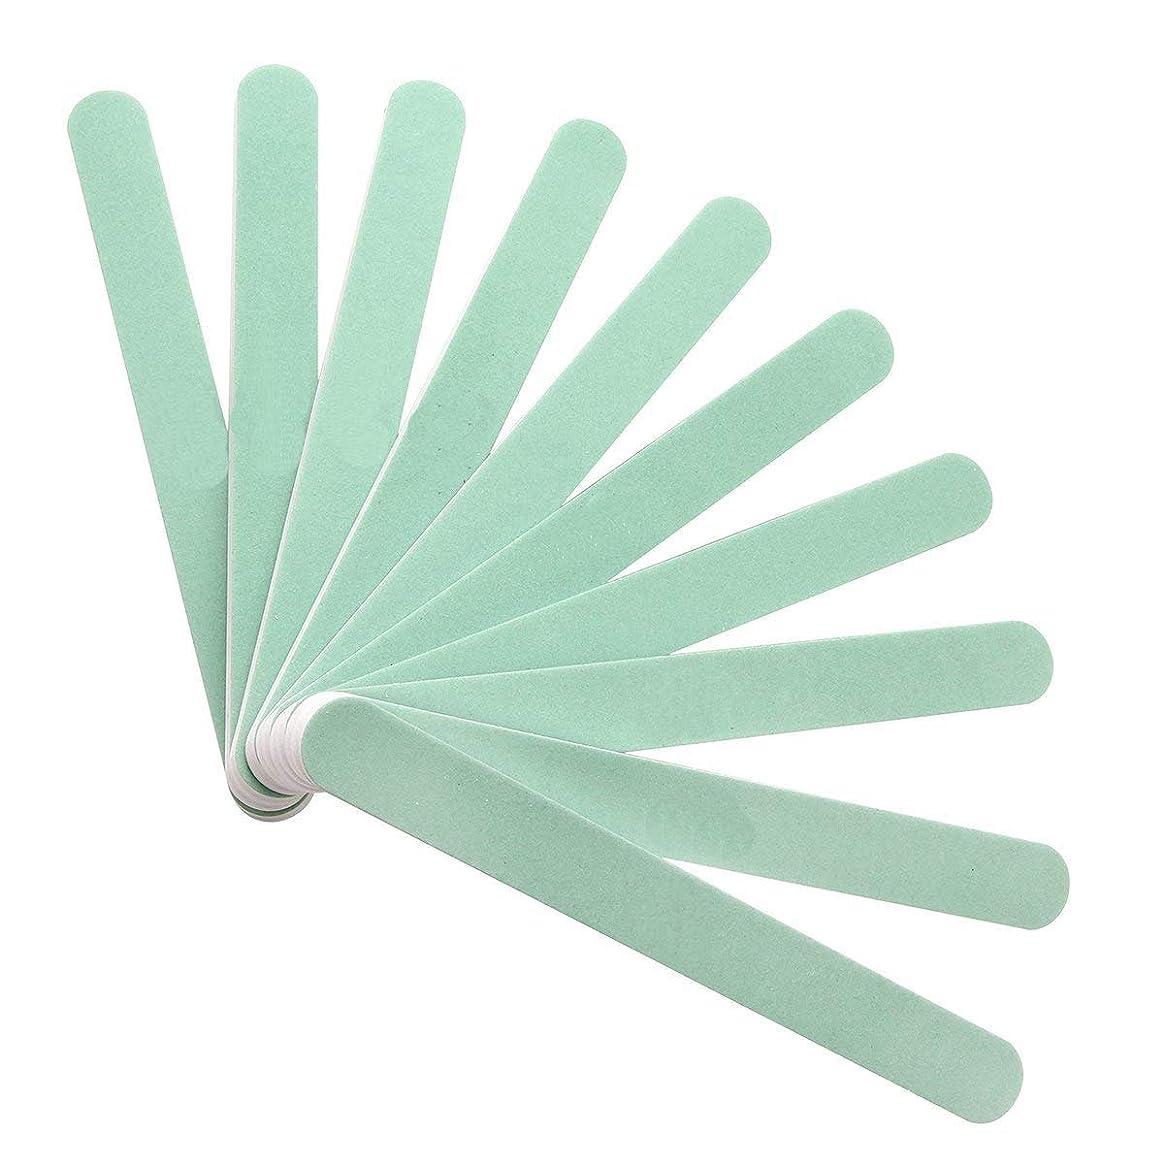 ボックス分析的な広々10本入バッファーグリットバッファー爪 磨き ネイルシャイナー ネイルをつやつやにスポンジファイルソフトファイル